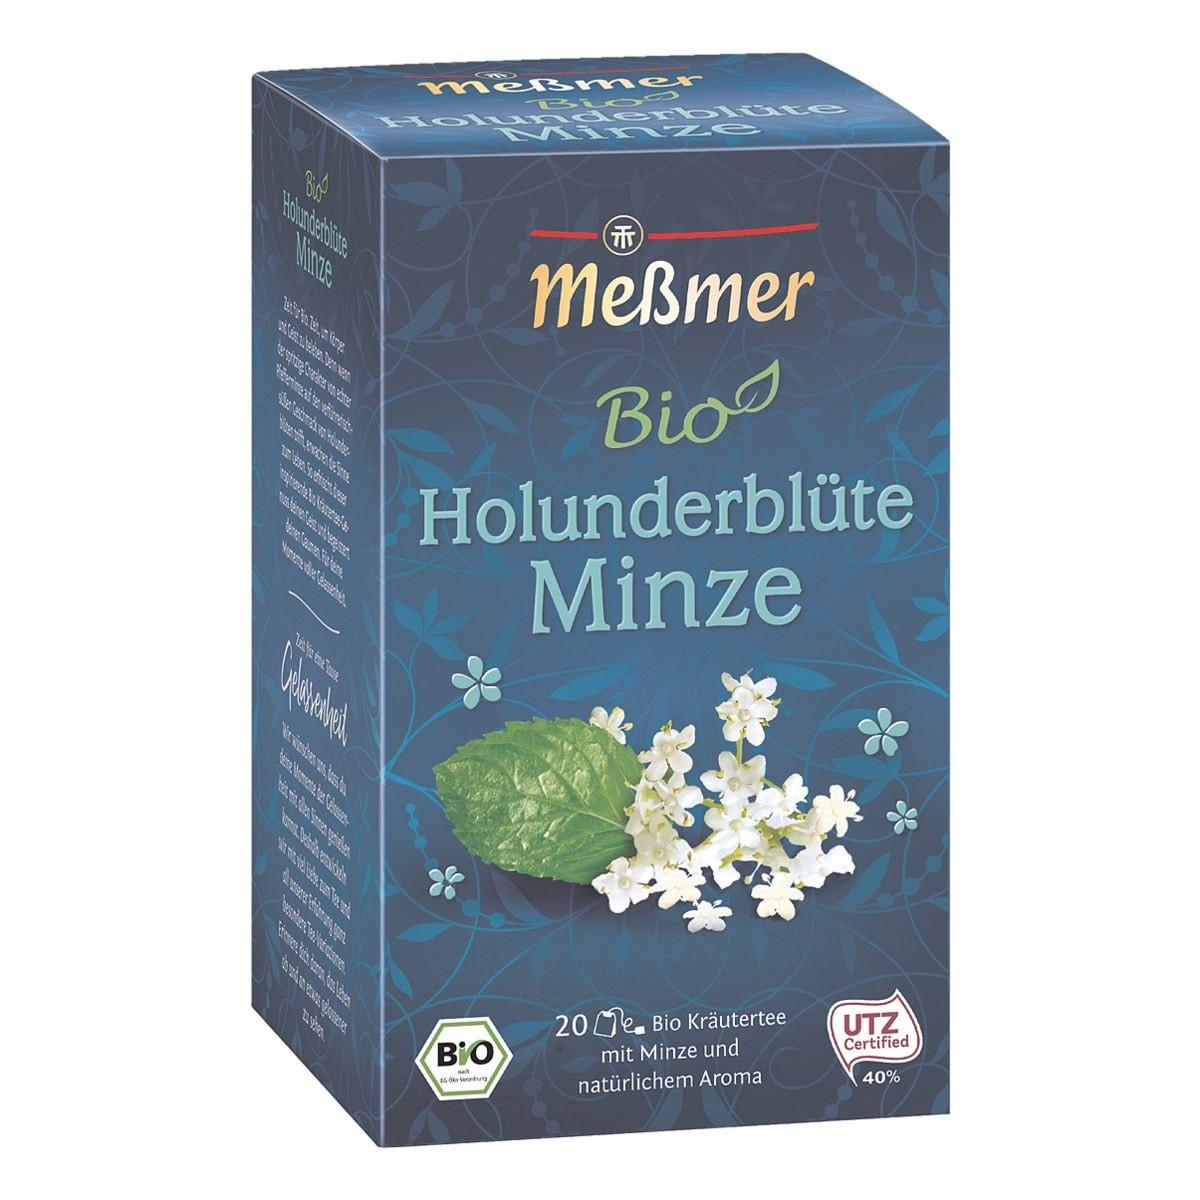 Meßmer BIO Kräutertee »Holunderblüte Minze« Tassenportion, Papierkuvert, 20er-Pack